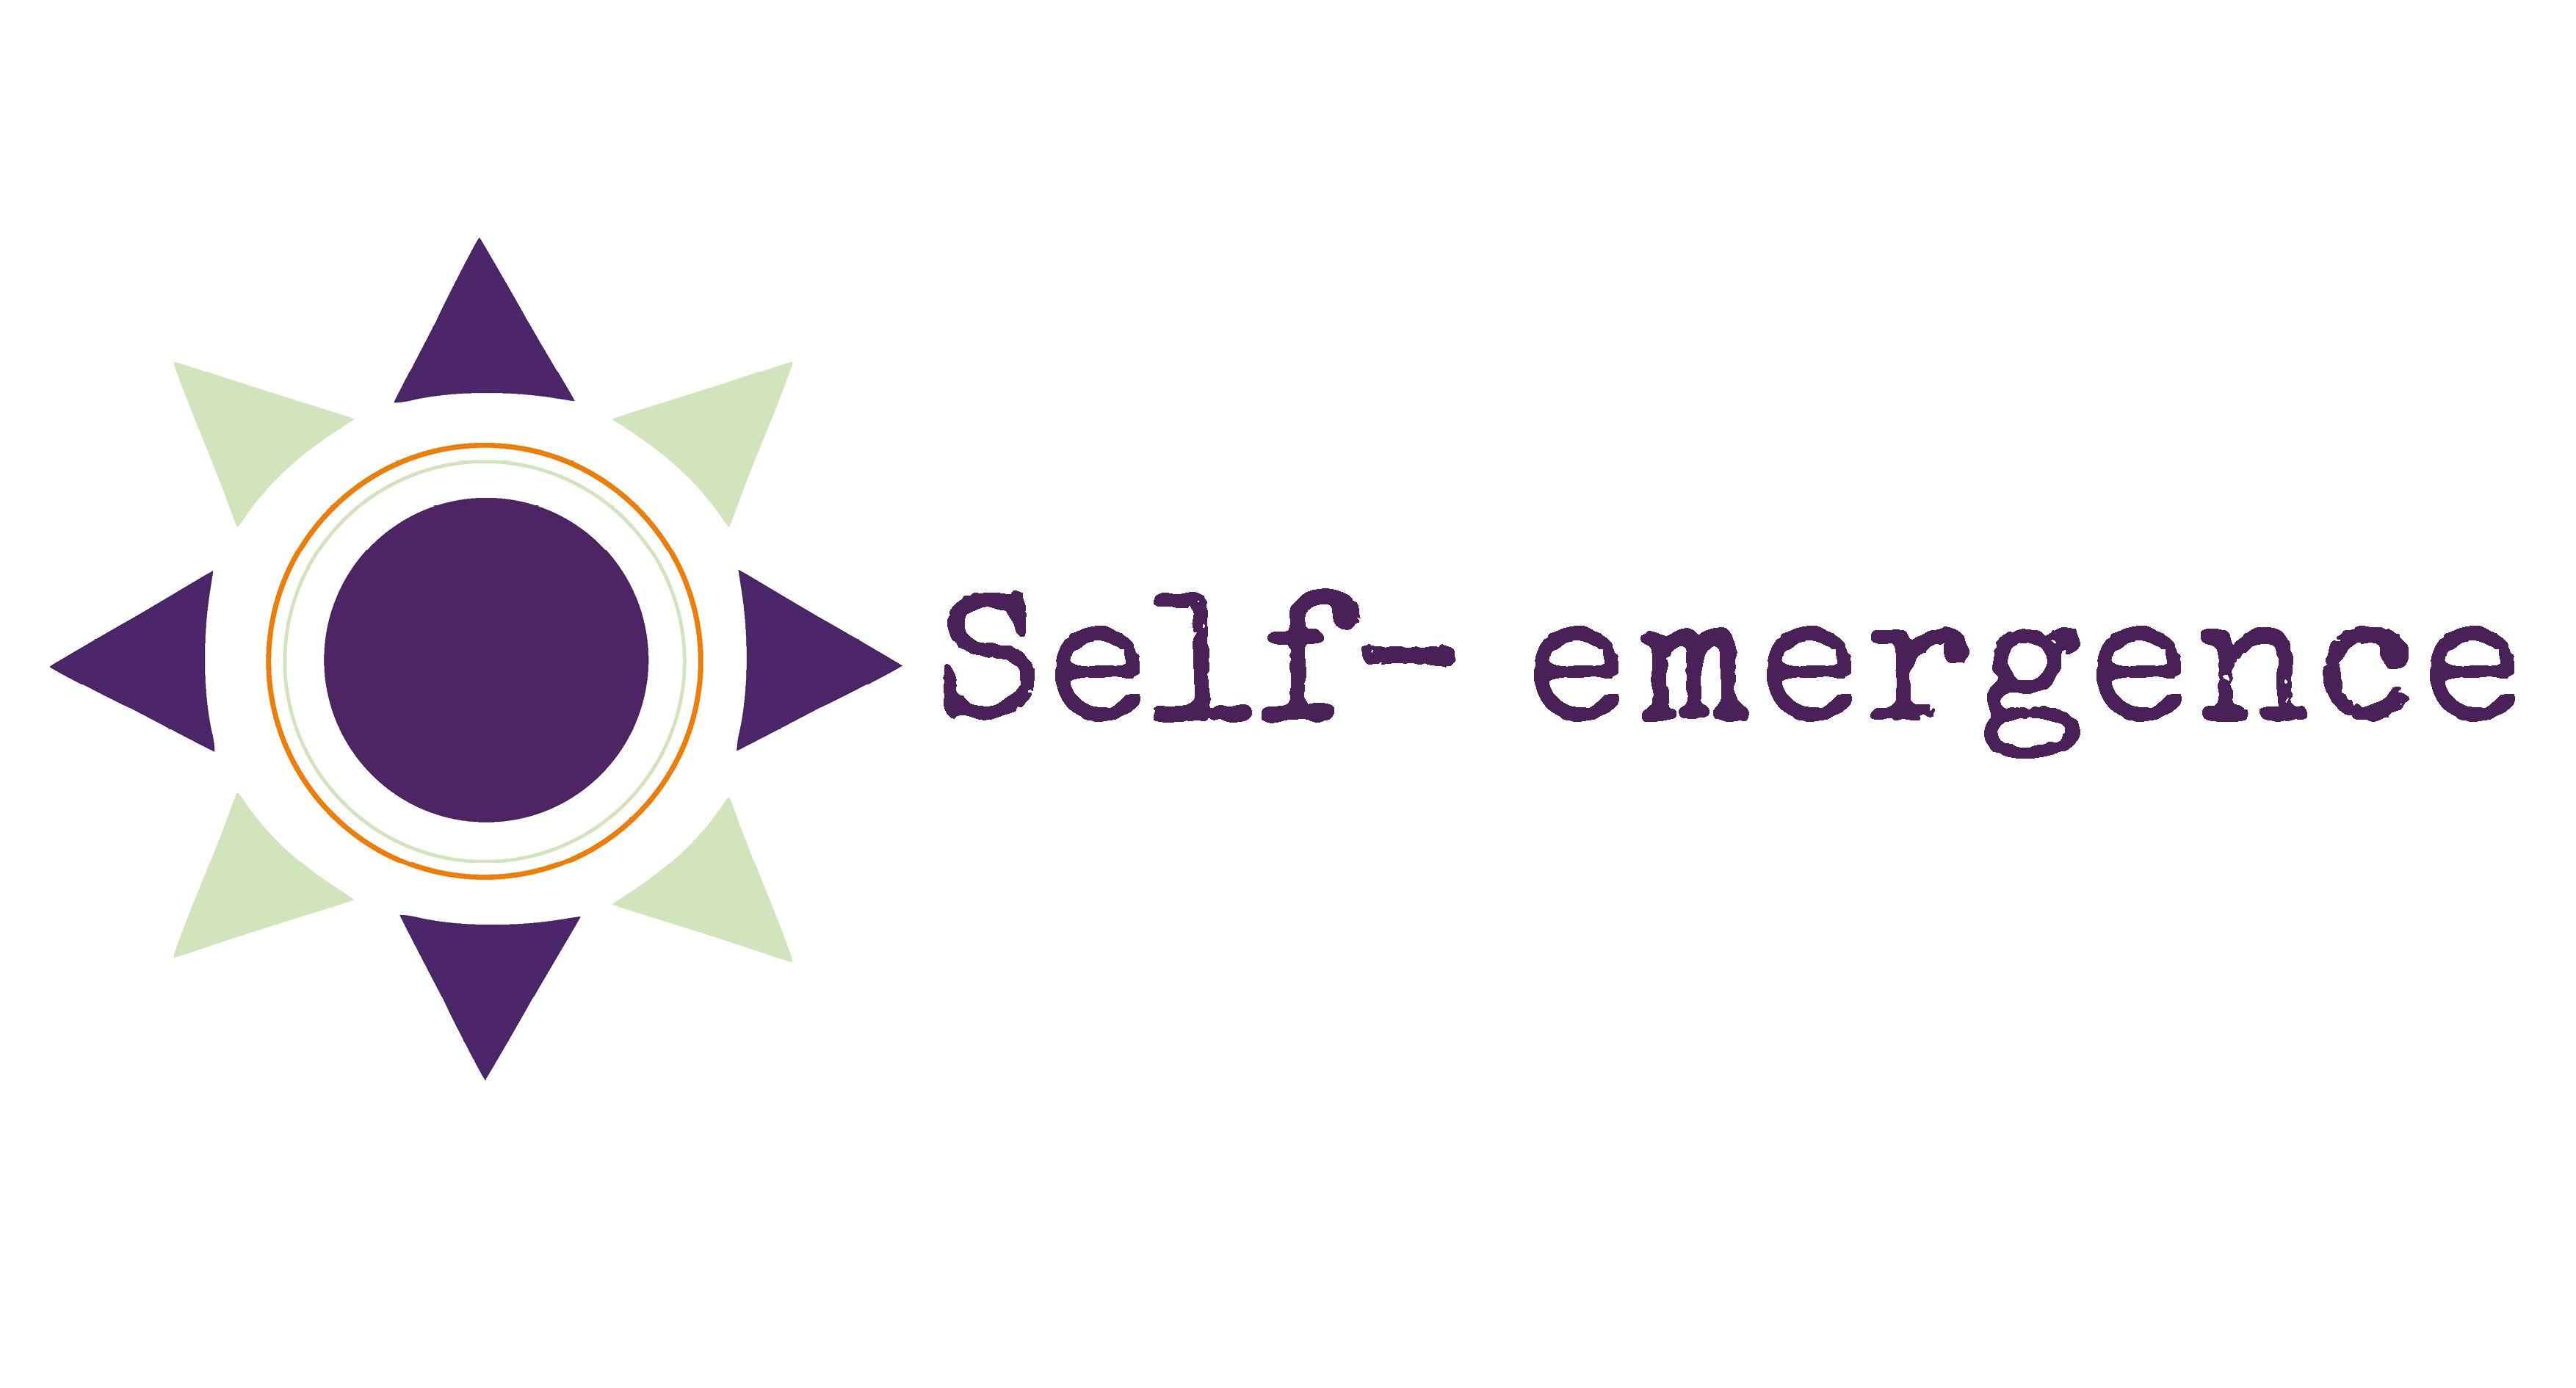 Self-emergence